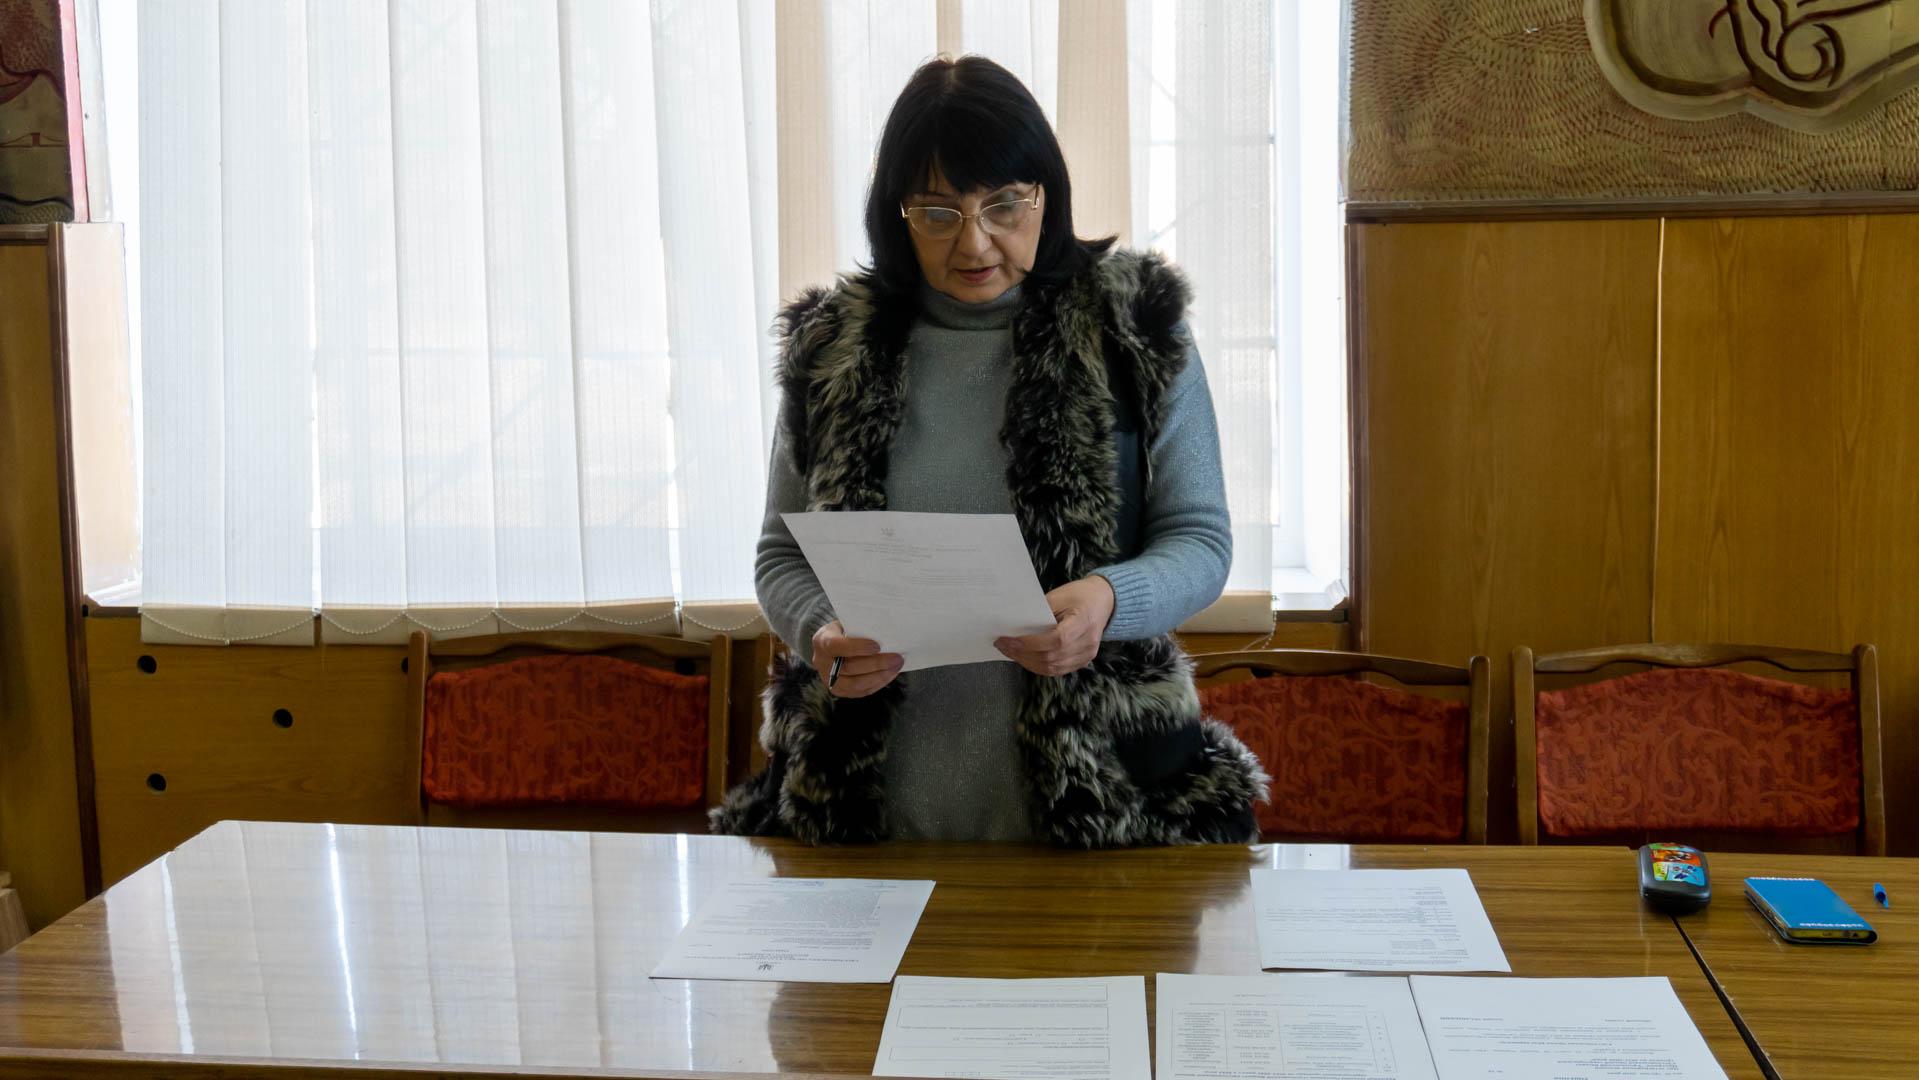 Координаційна рада по реалізації Програми «Громадський бюджет Світловодської міської територіальної громади на 2021-2025 роки» в 2021 році розпочала свою роботу